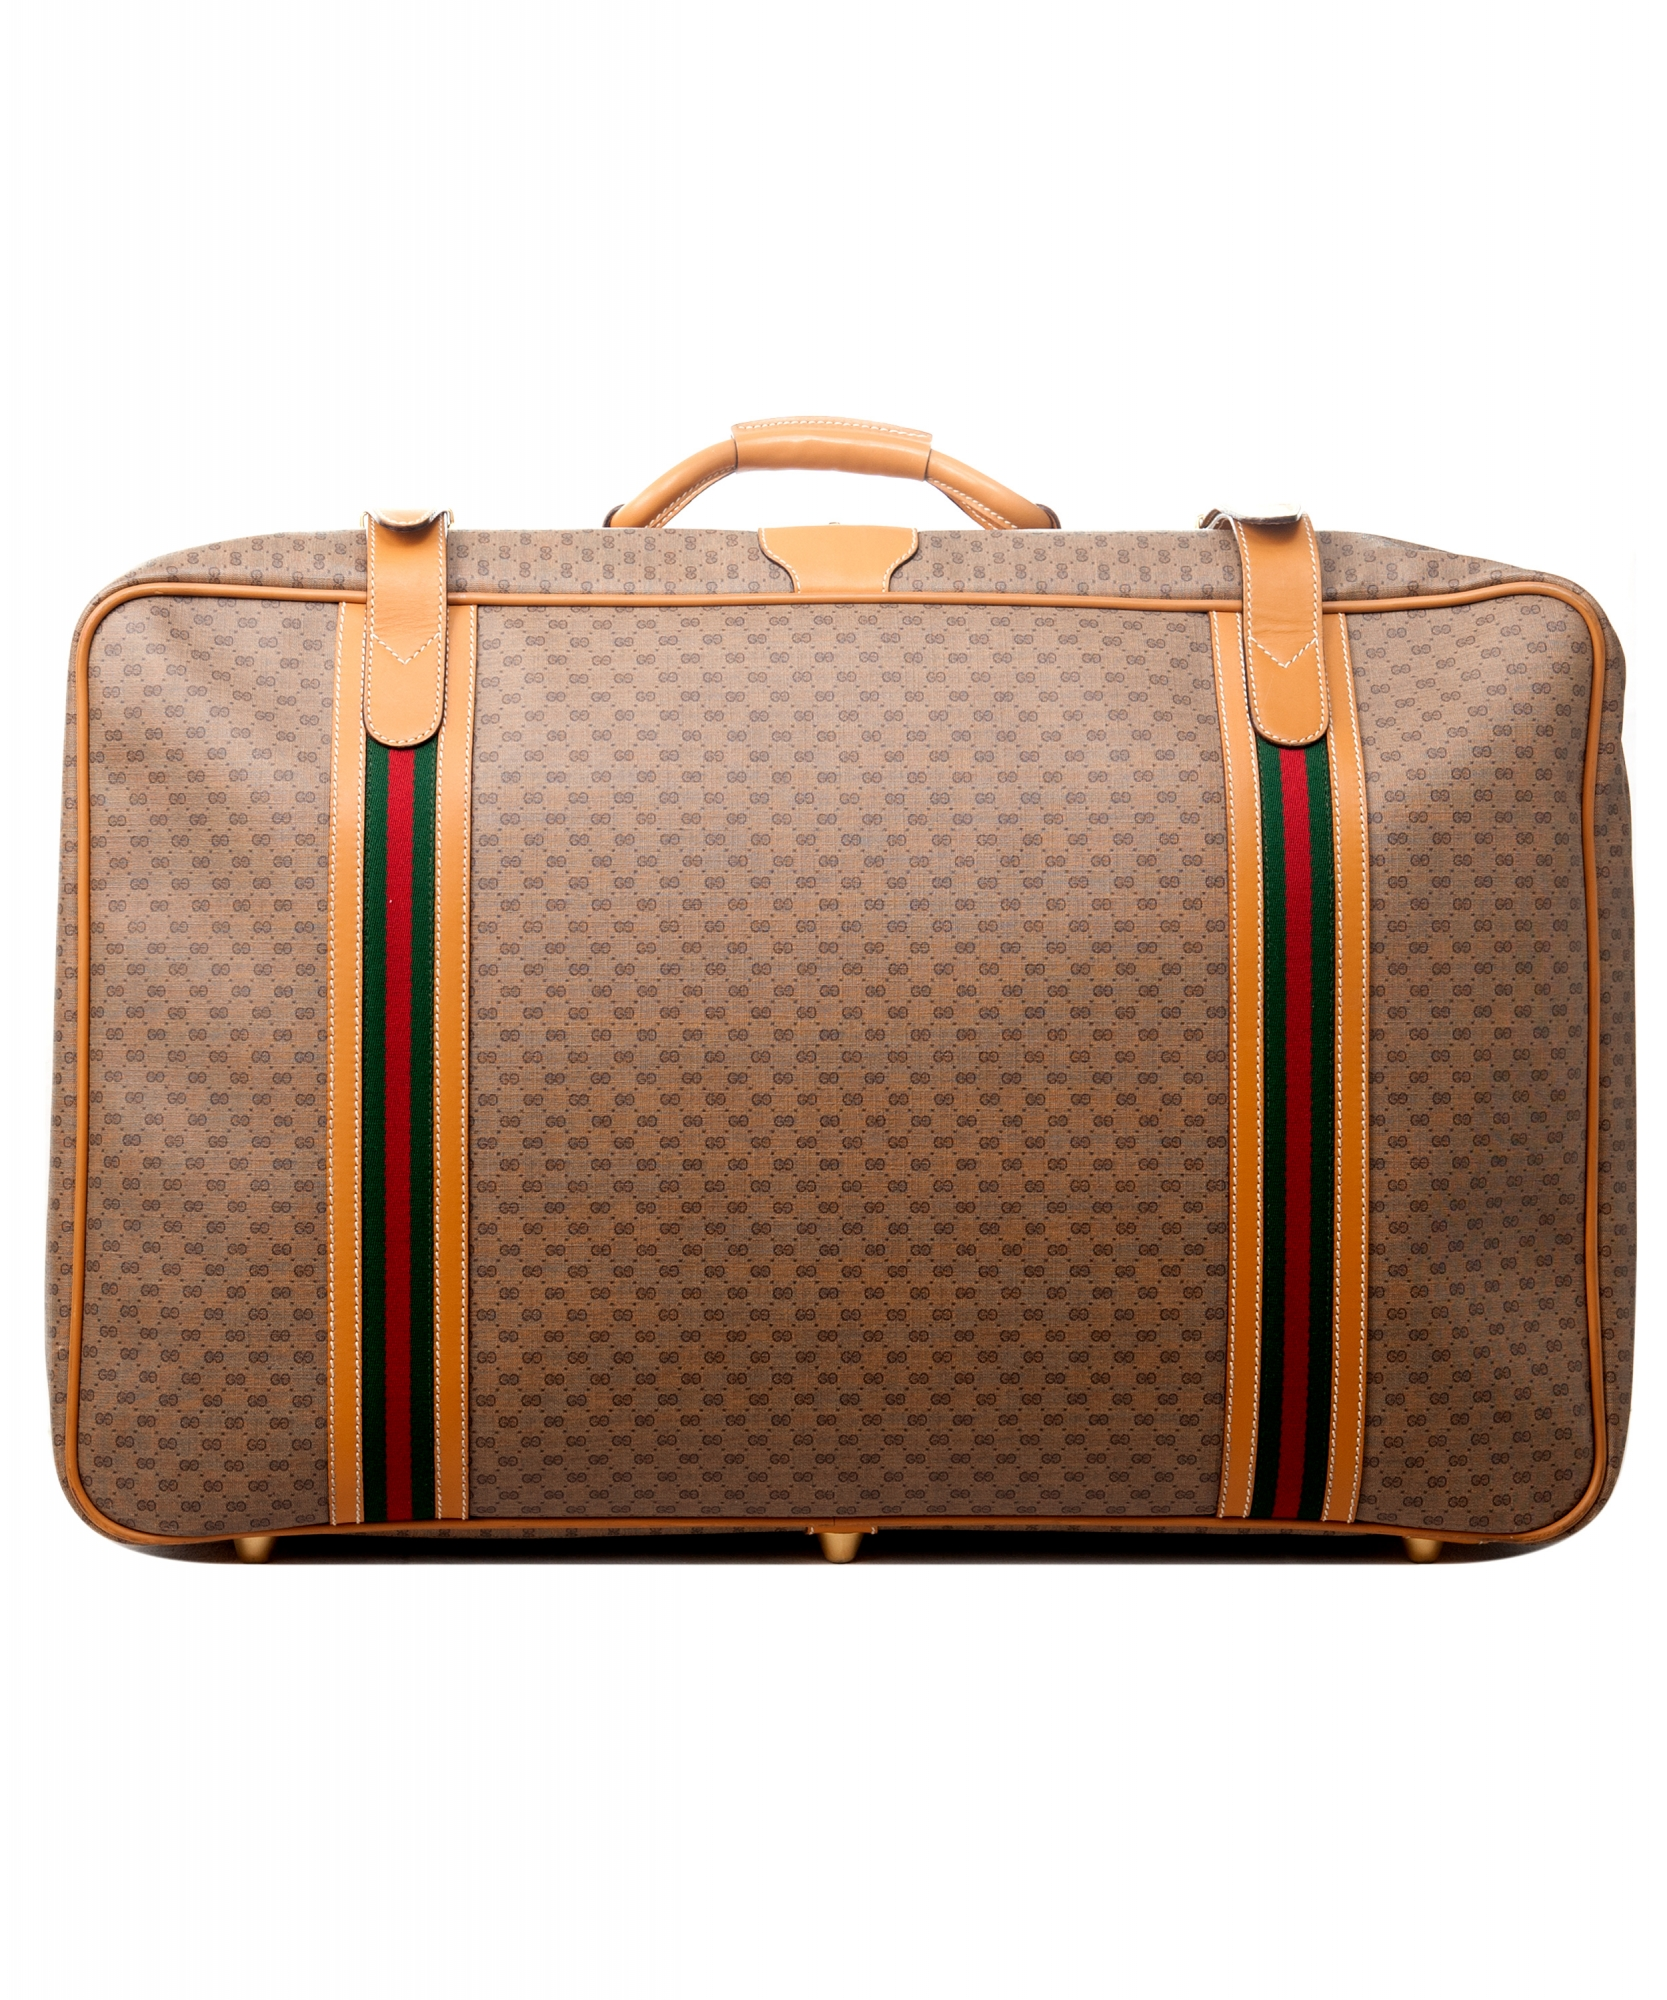 c742327a7ac Gucci Web GG Monogram Canvas Suitcase ...